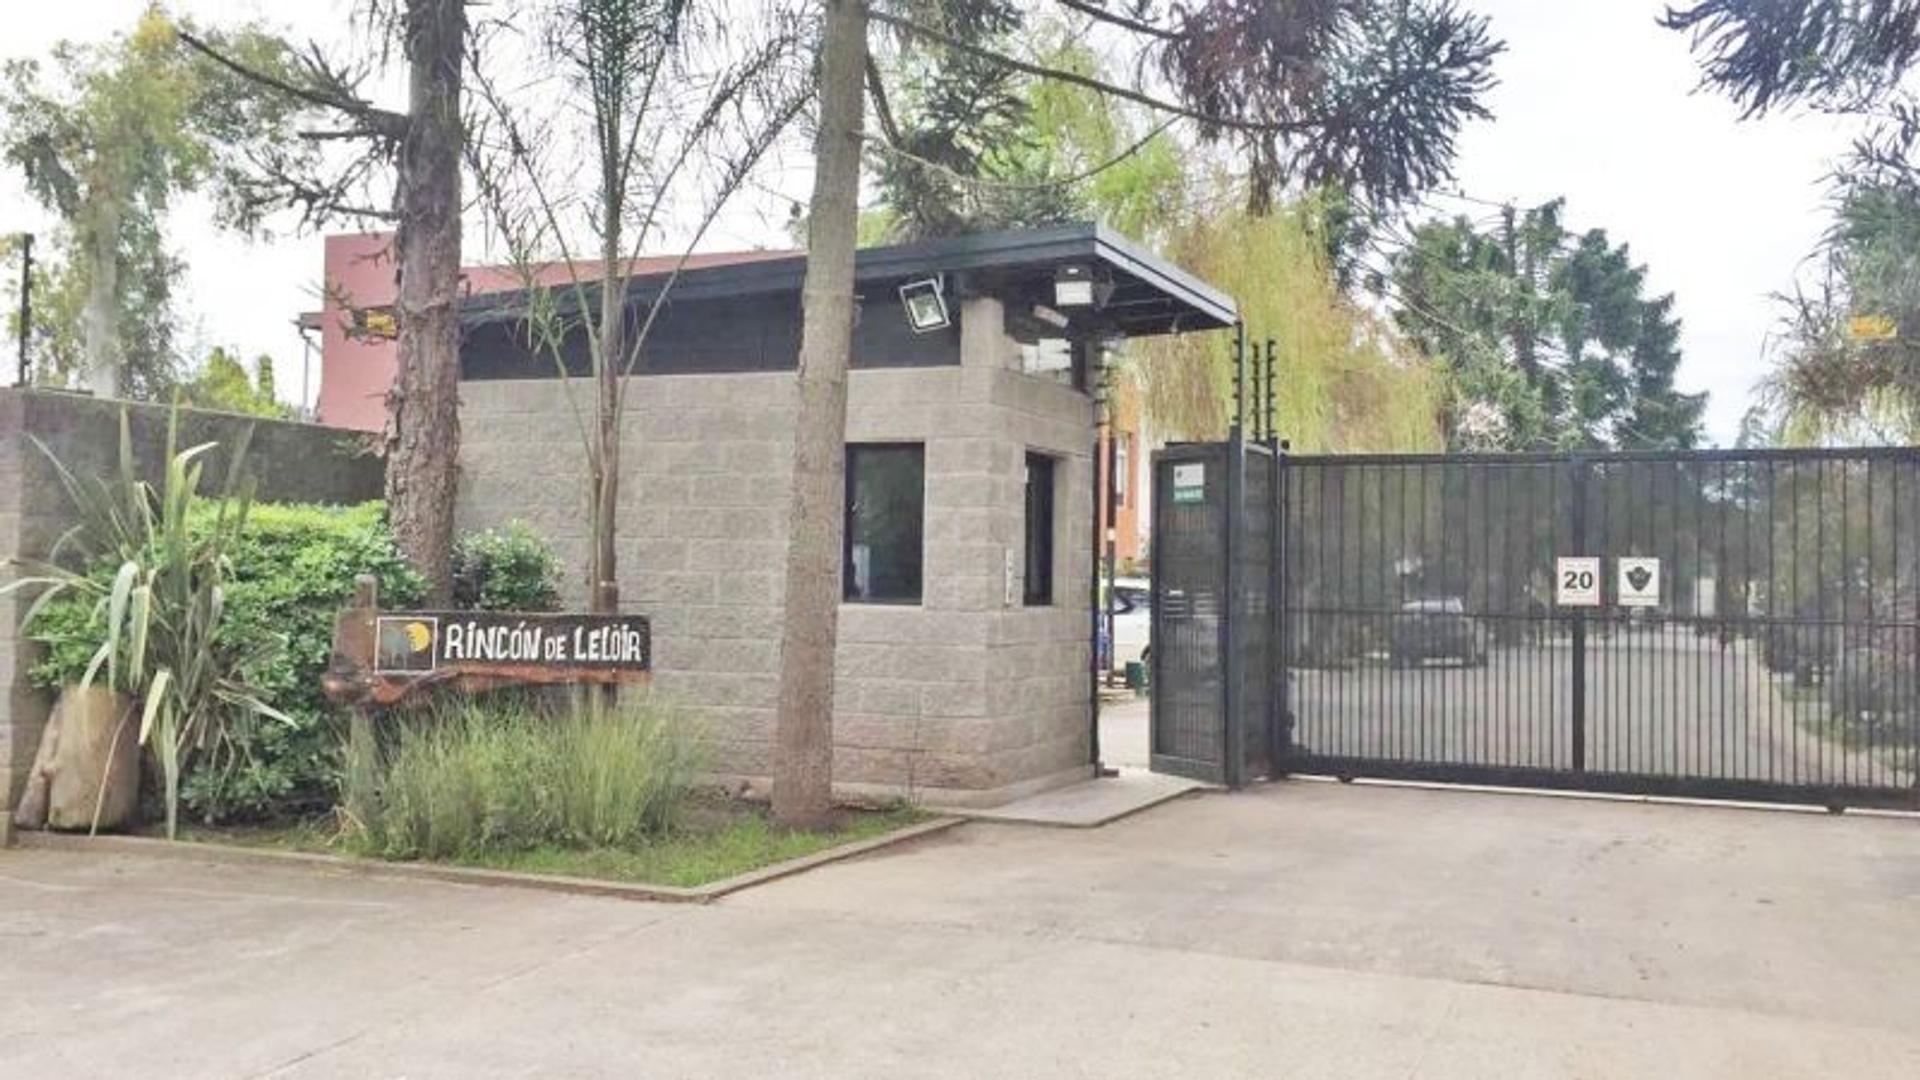 Casa - Venta - Argentina, Parque leloir - UDAONDO, GUILLERMO, AV.  AL 4100